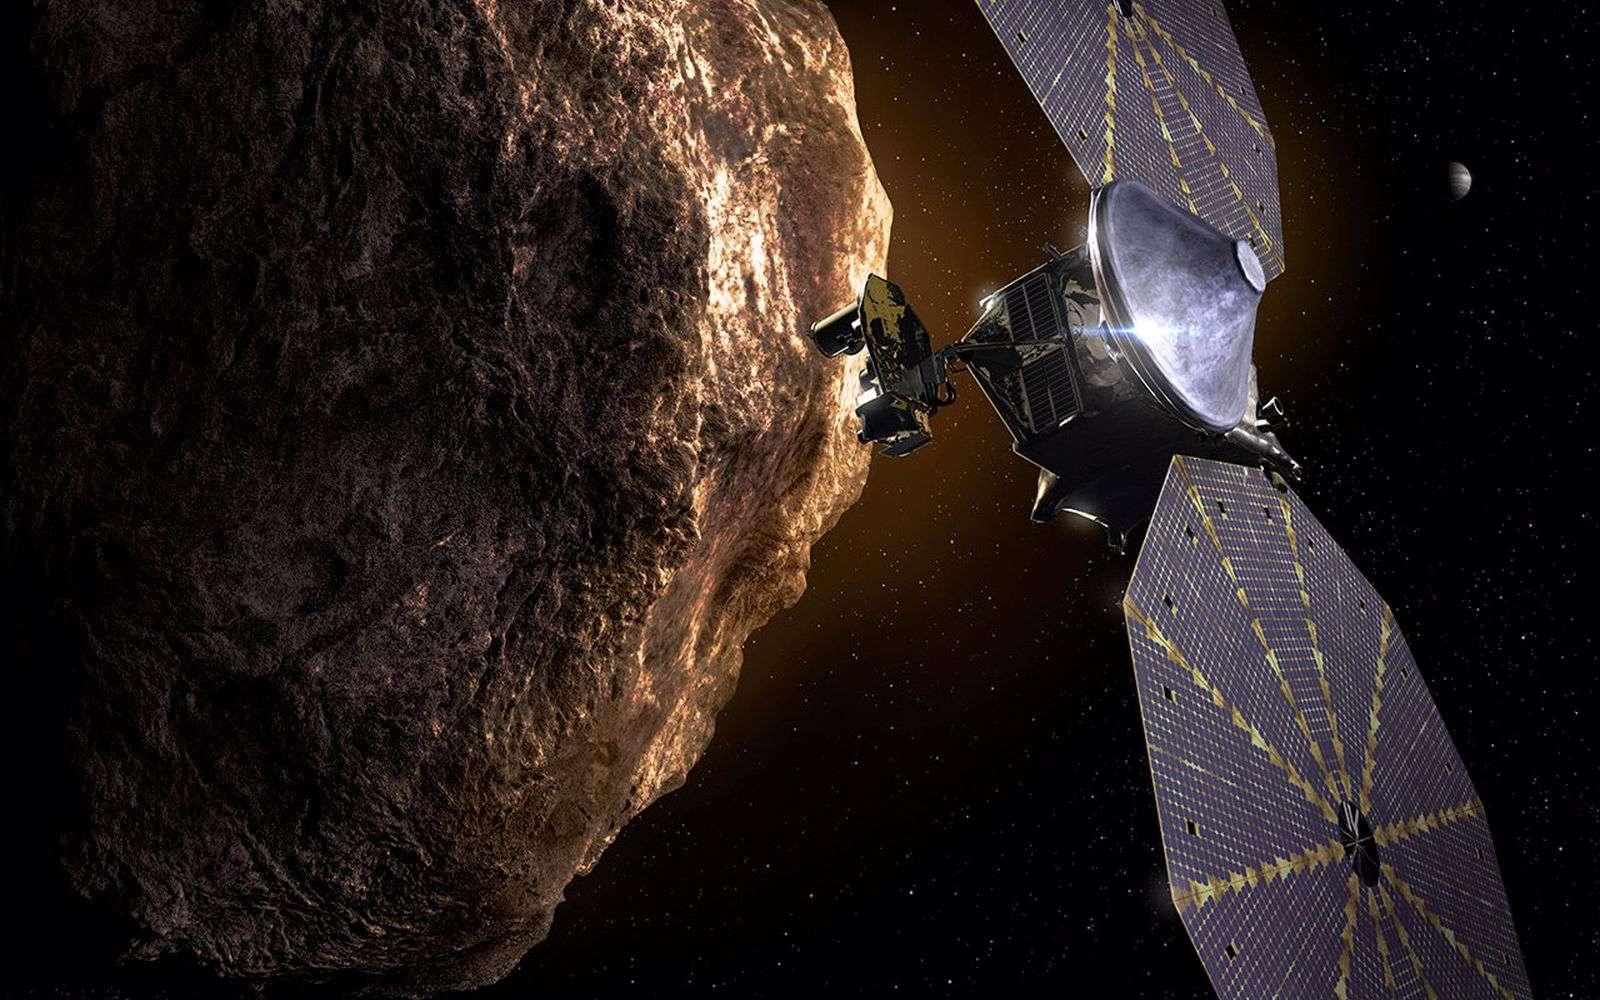 Représentation de la sonde Lucy à proximité d'un astéroïde troyen. © Nasa, Southwest Research Institute